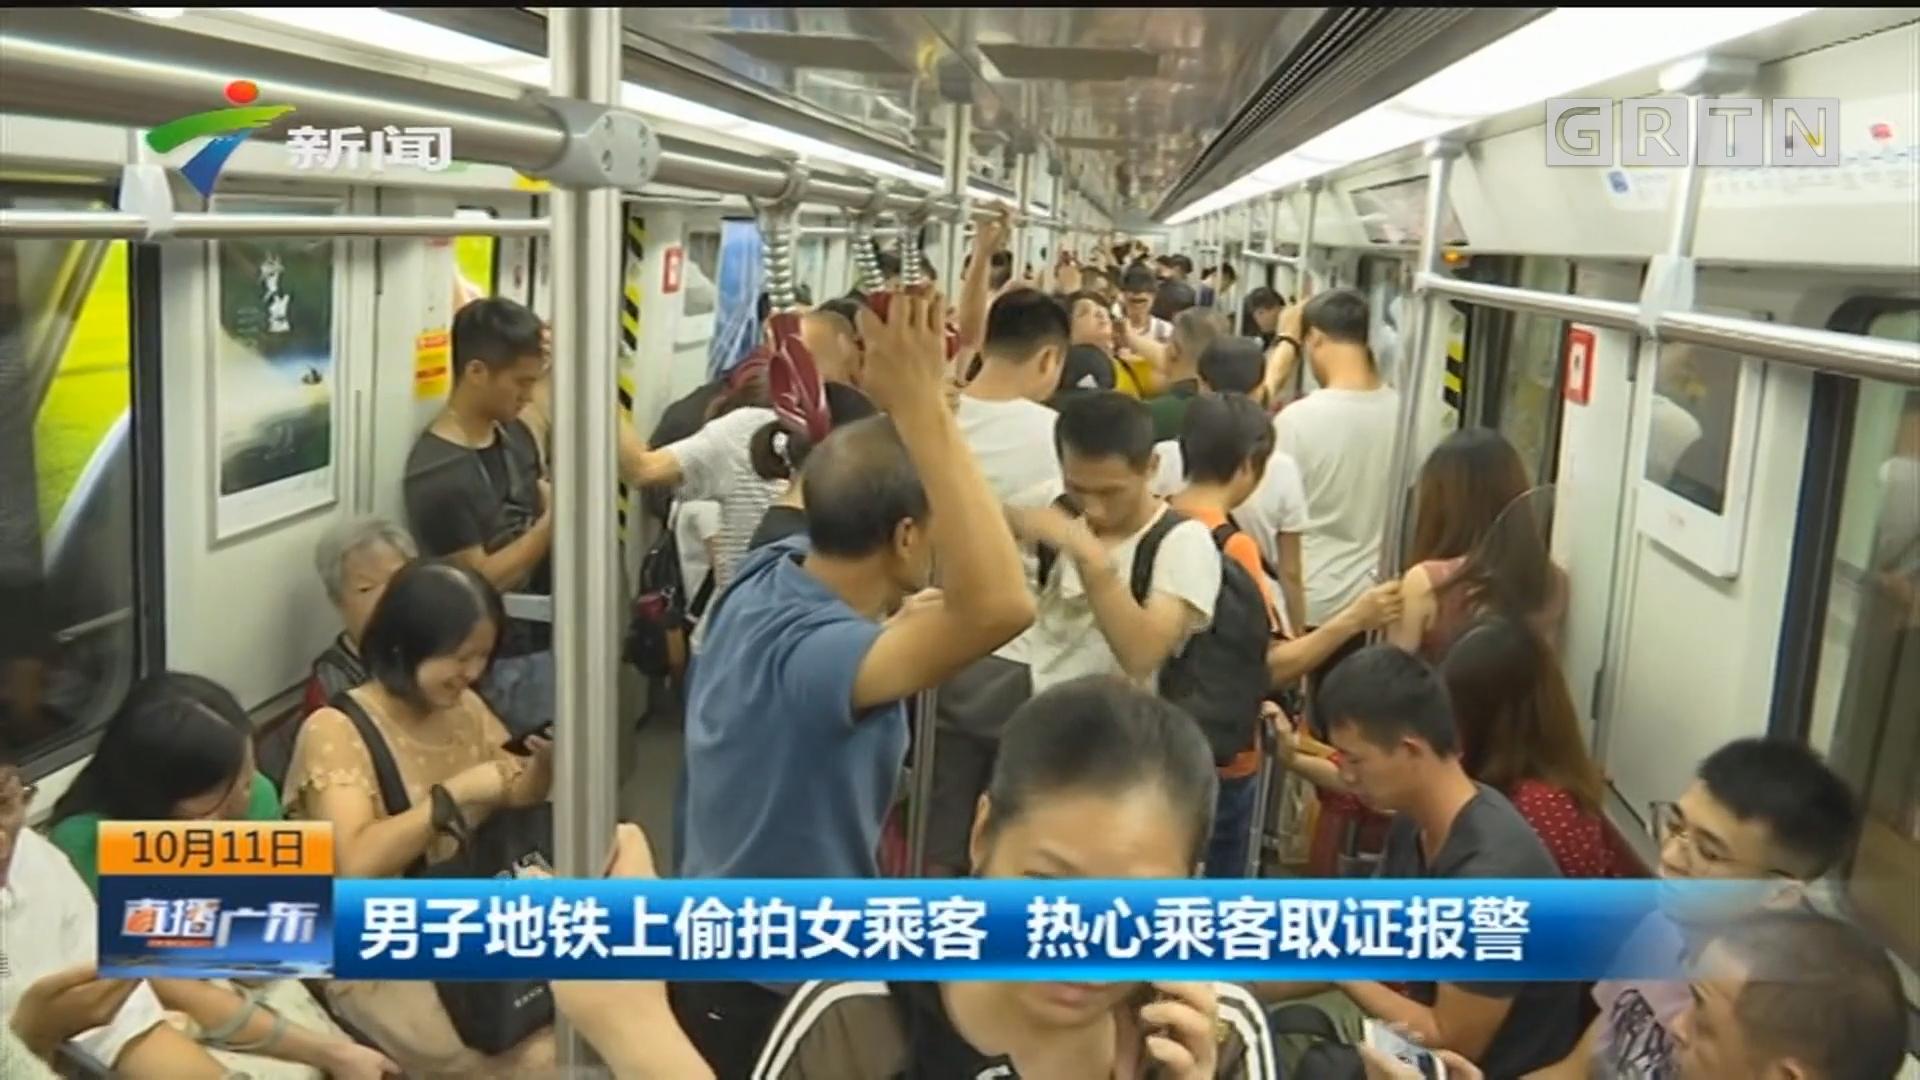 男子地铁上偷拍女乘客 热心乘客取证报警